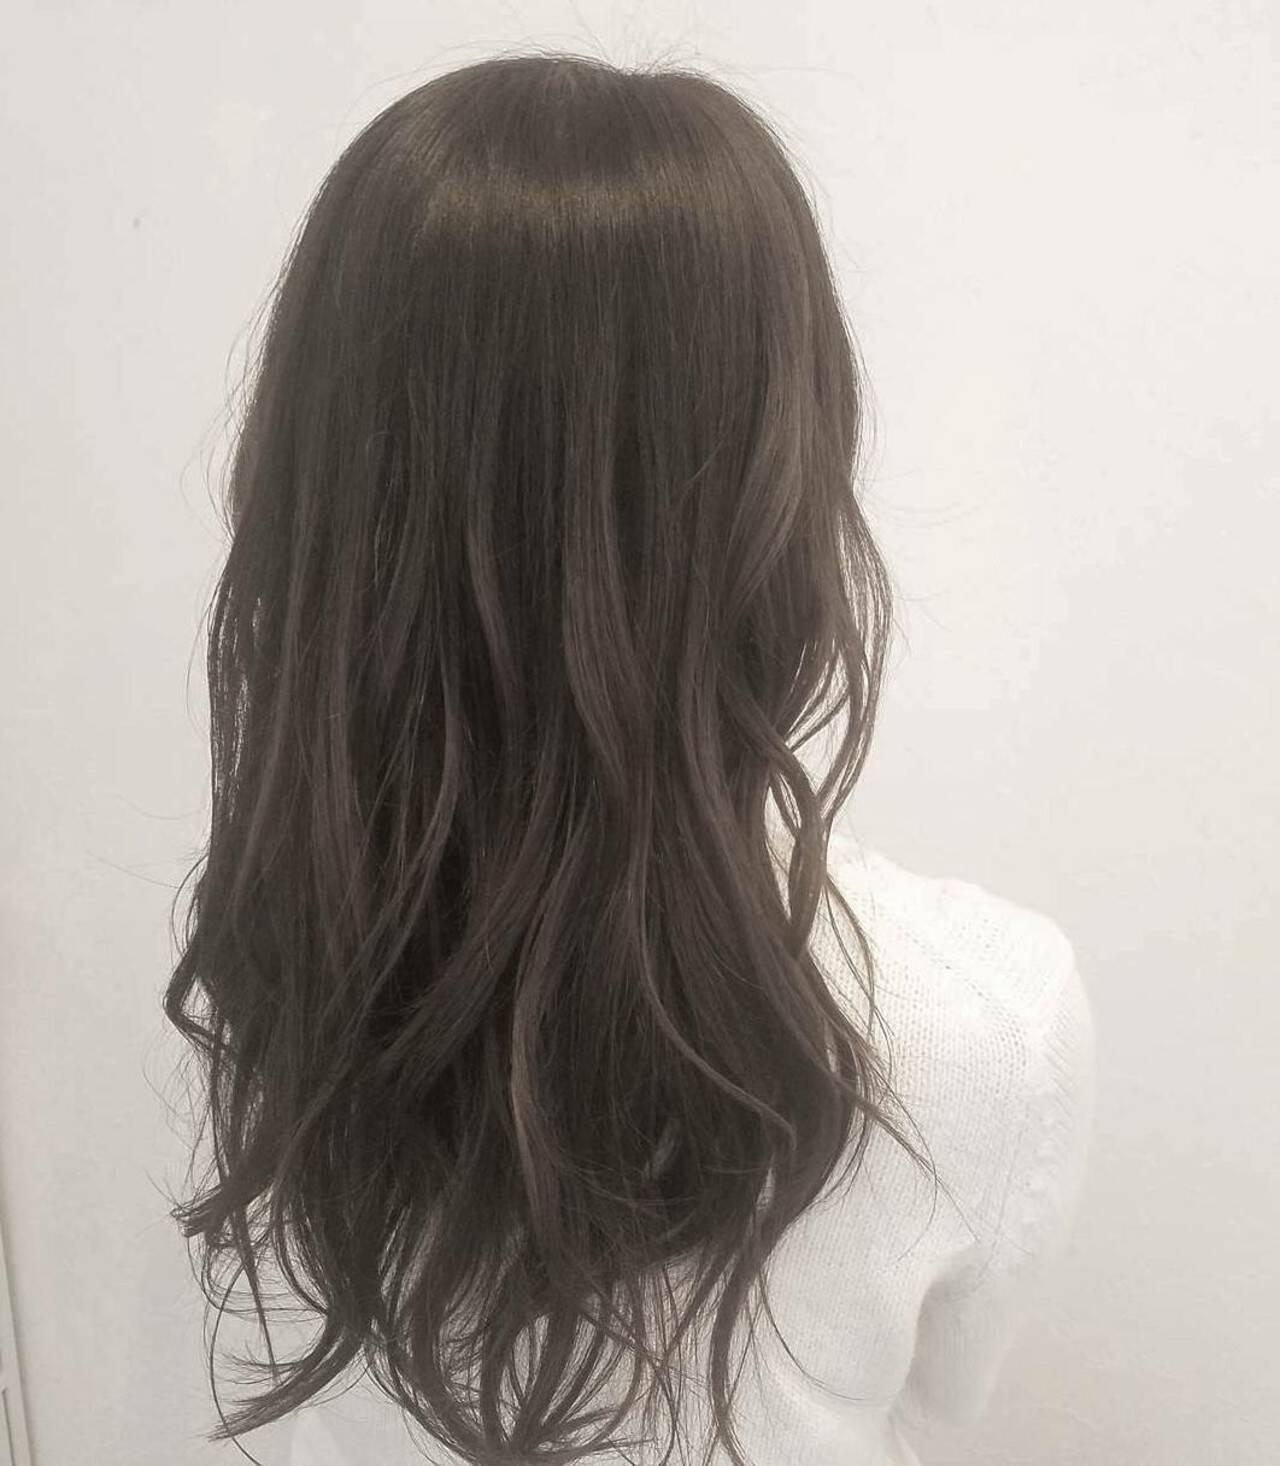 オフィス ナチュラル ロング 秋ヘアスタイルや髪型の写真・画像